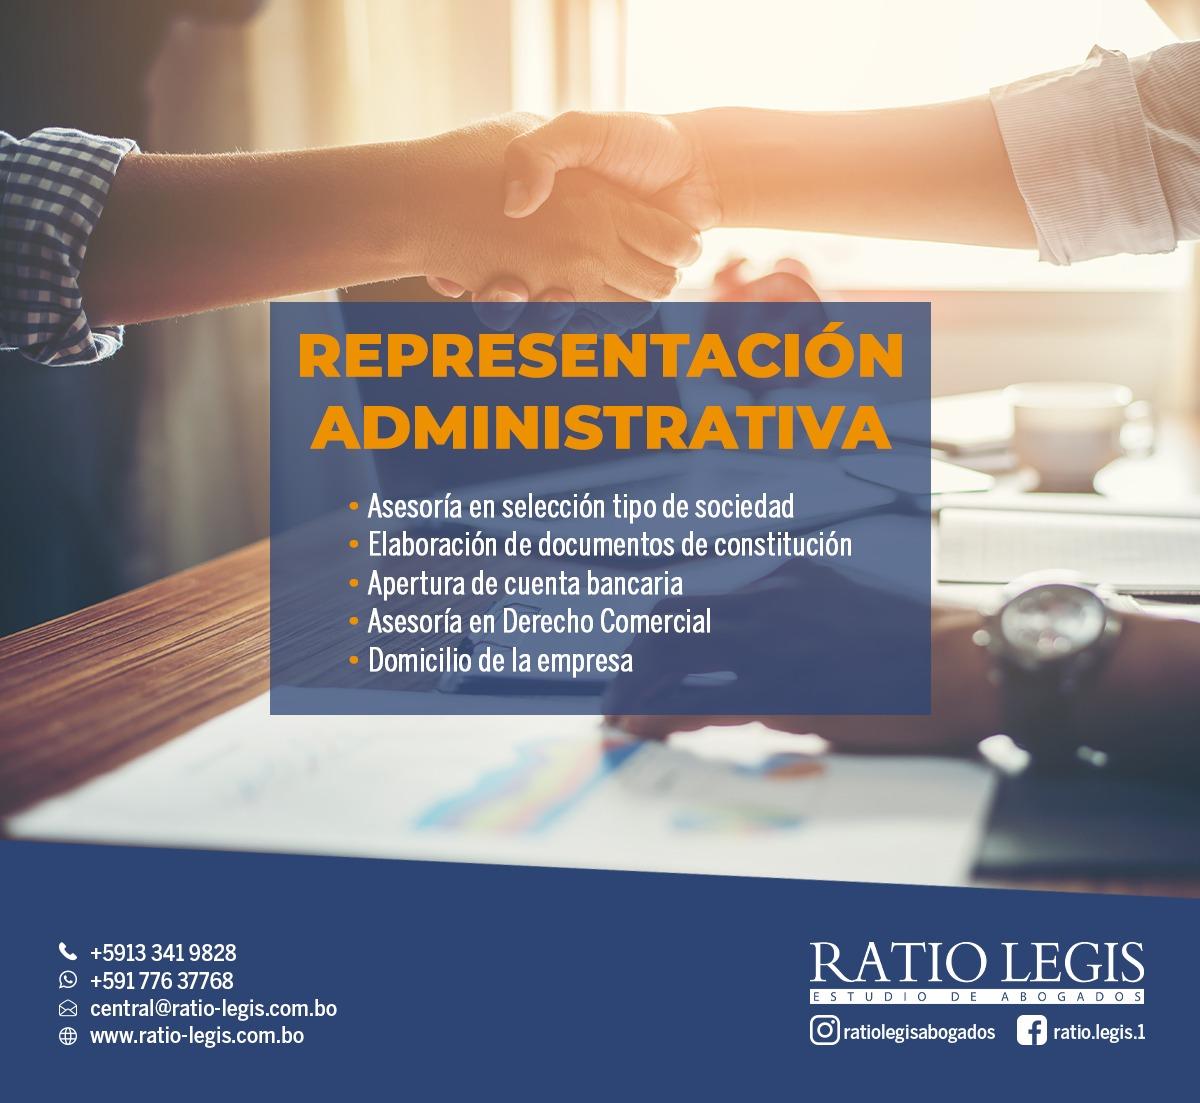 (Español) Representación Administrativa